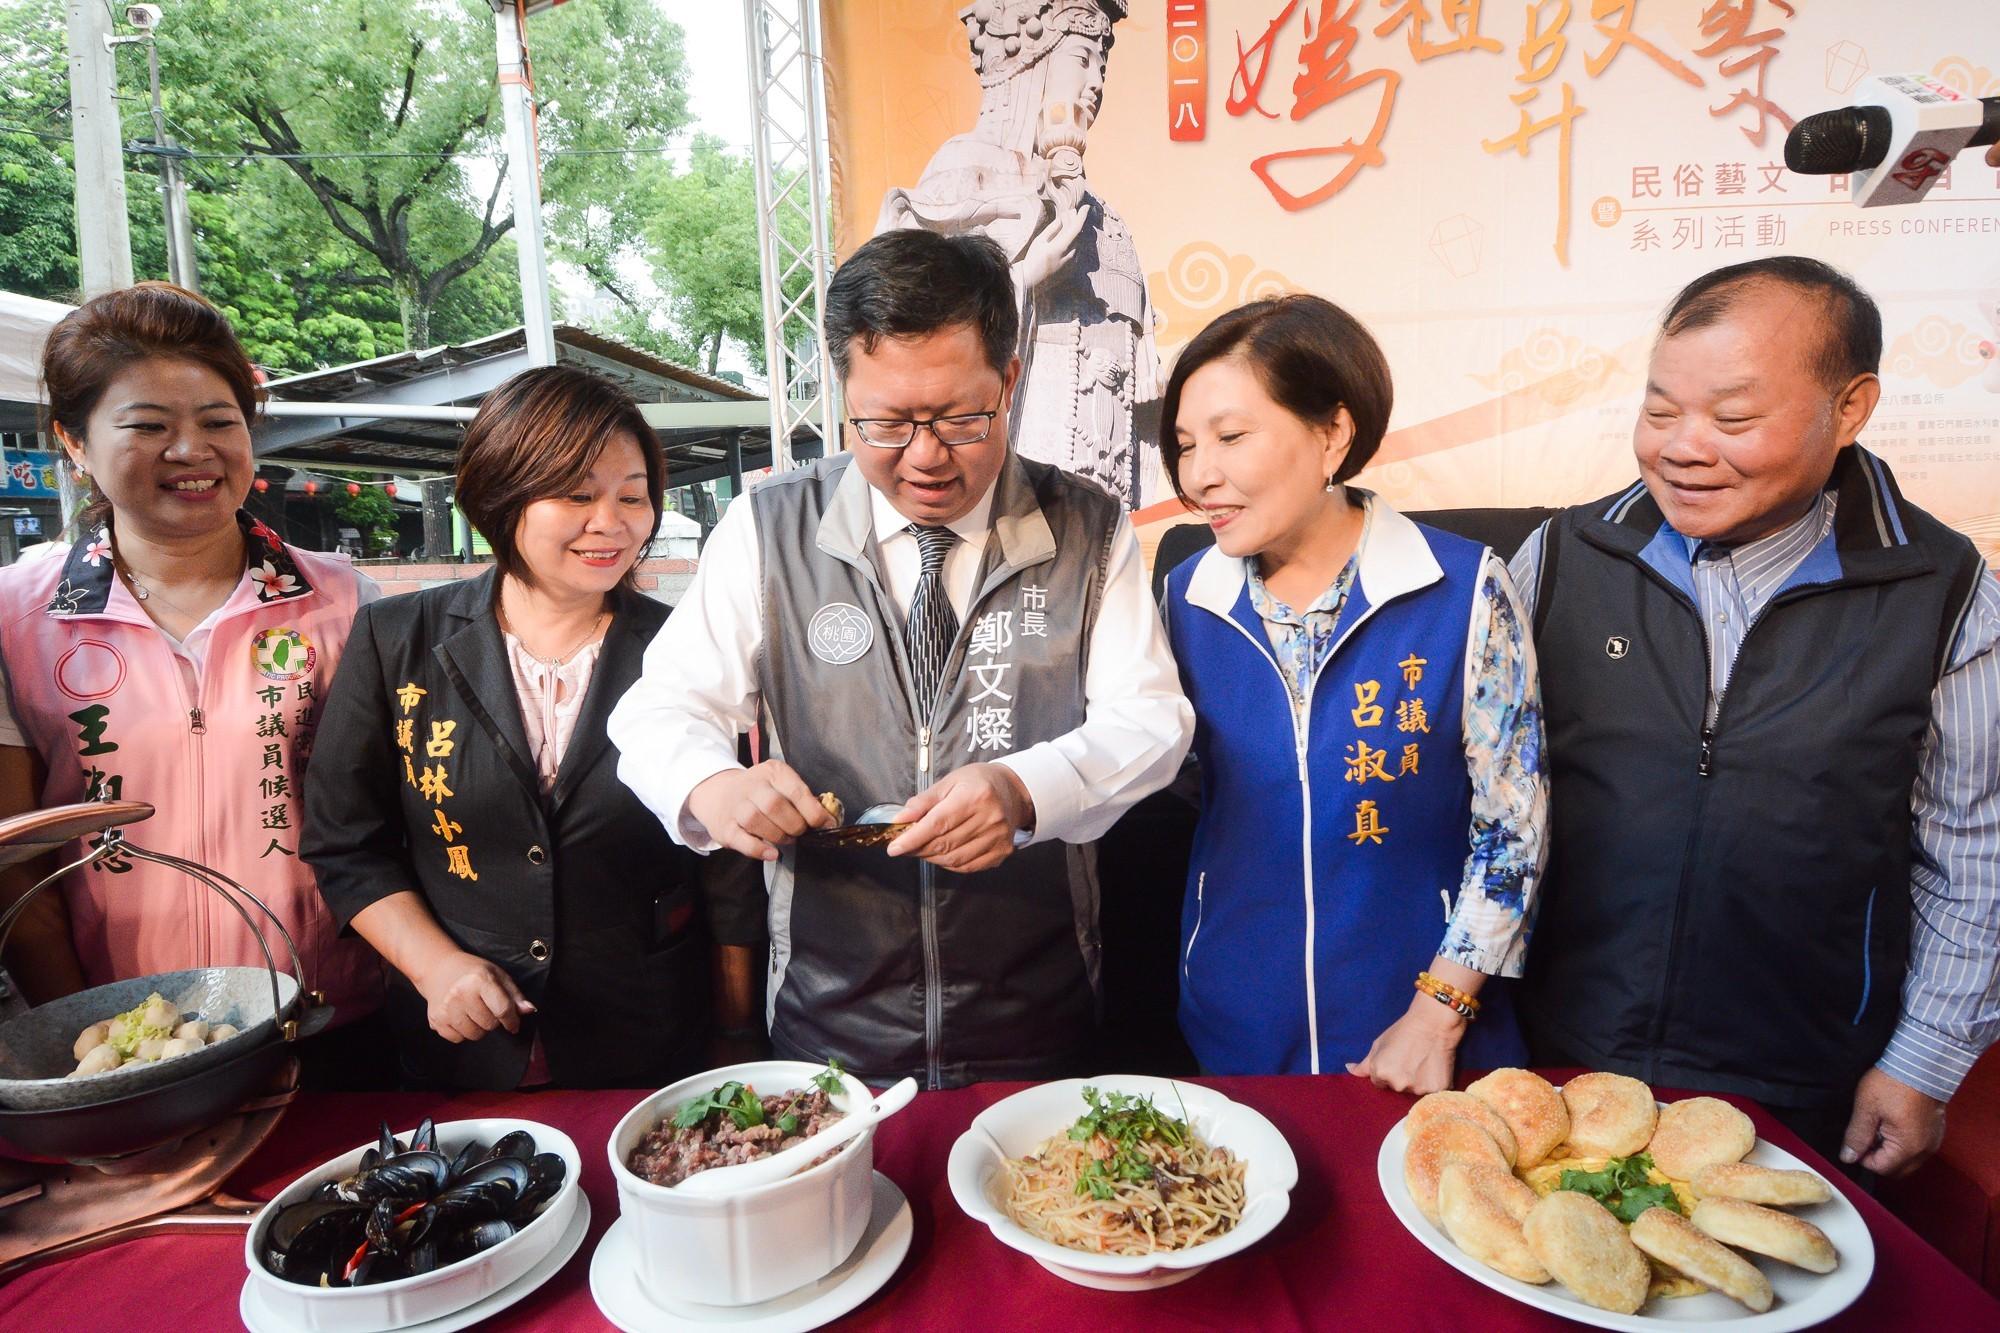 市長和與會來賓品嘗馬祖特色美食